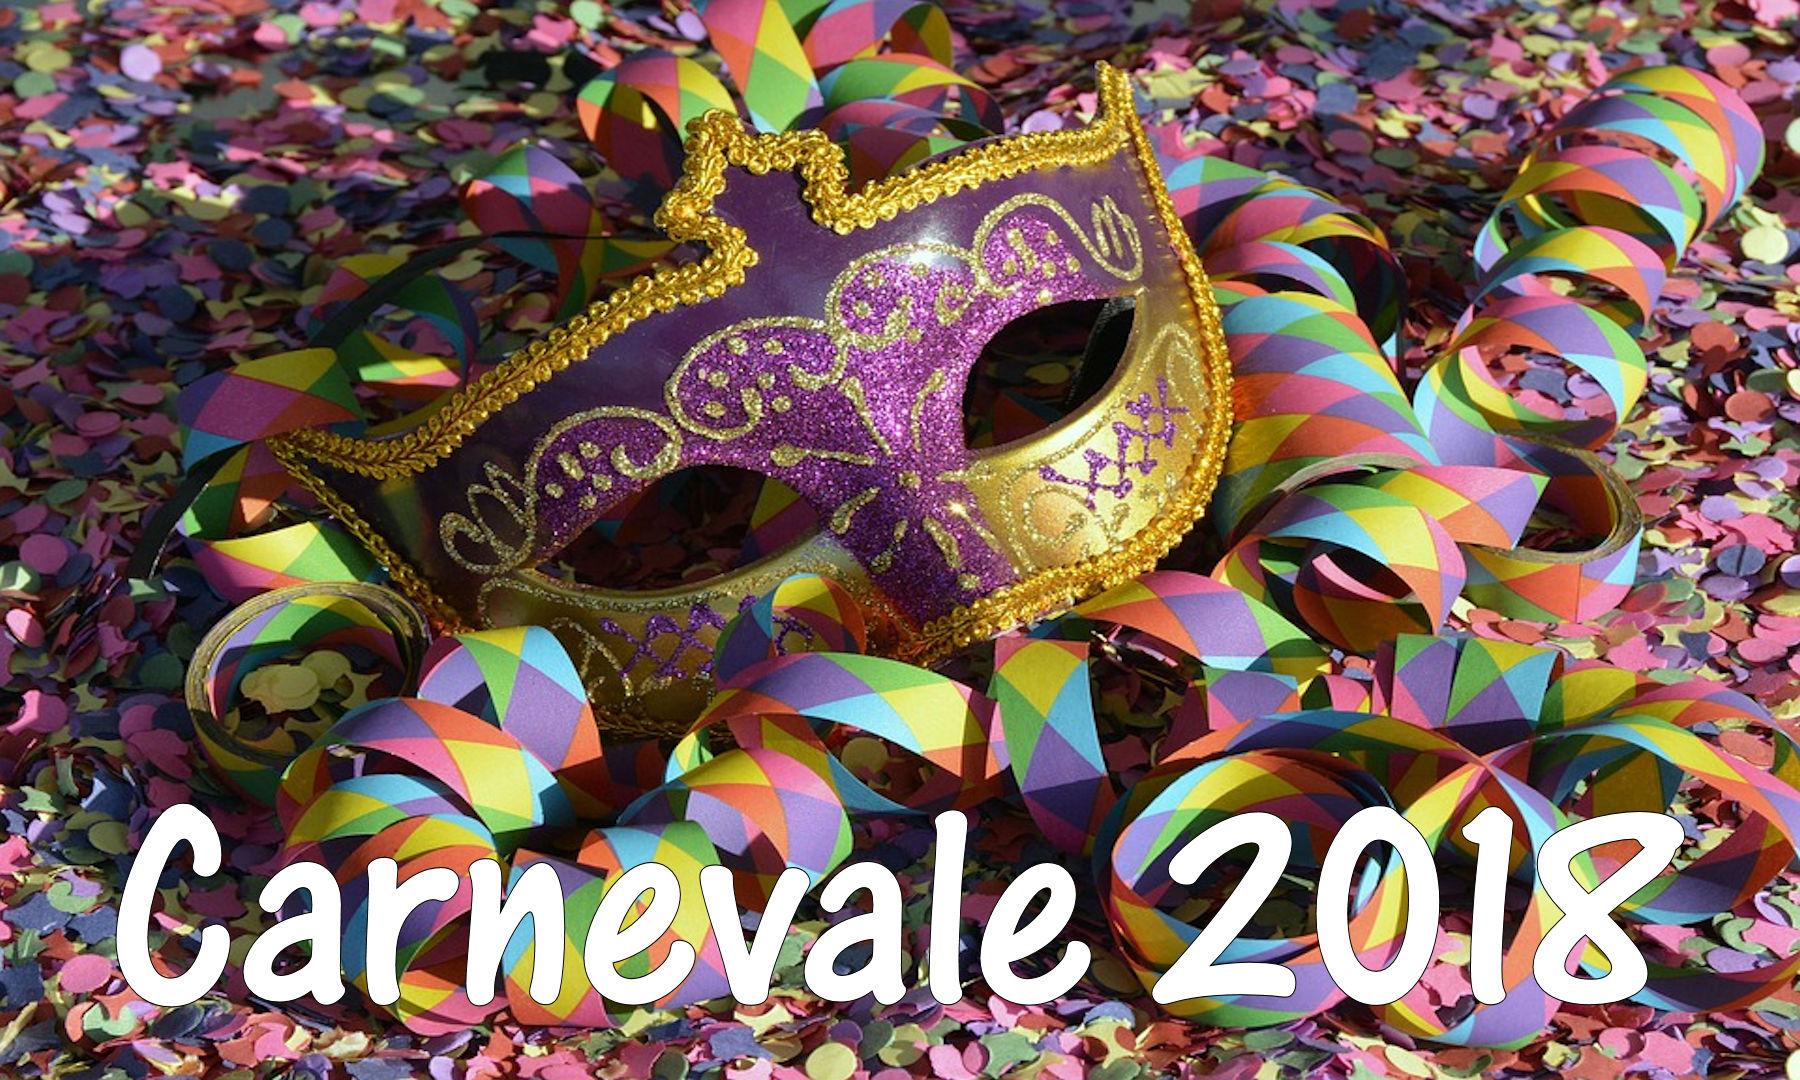 Carnevale 2018, alcune idee alternative